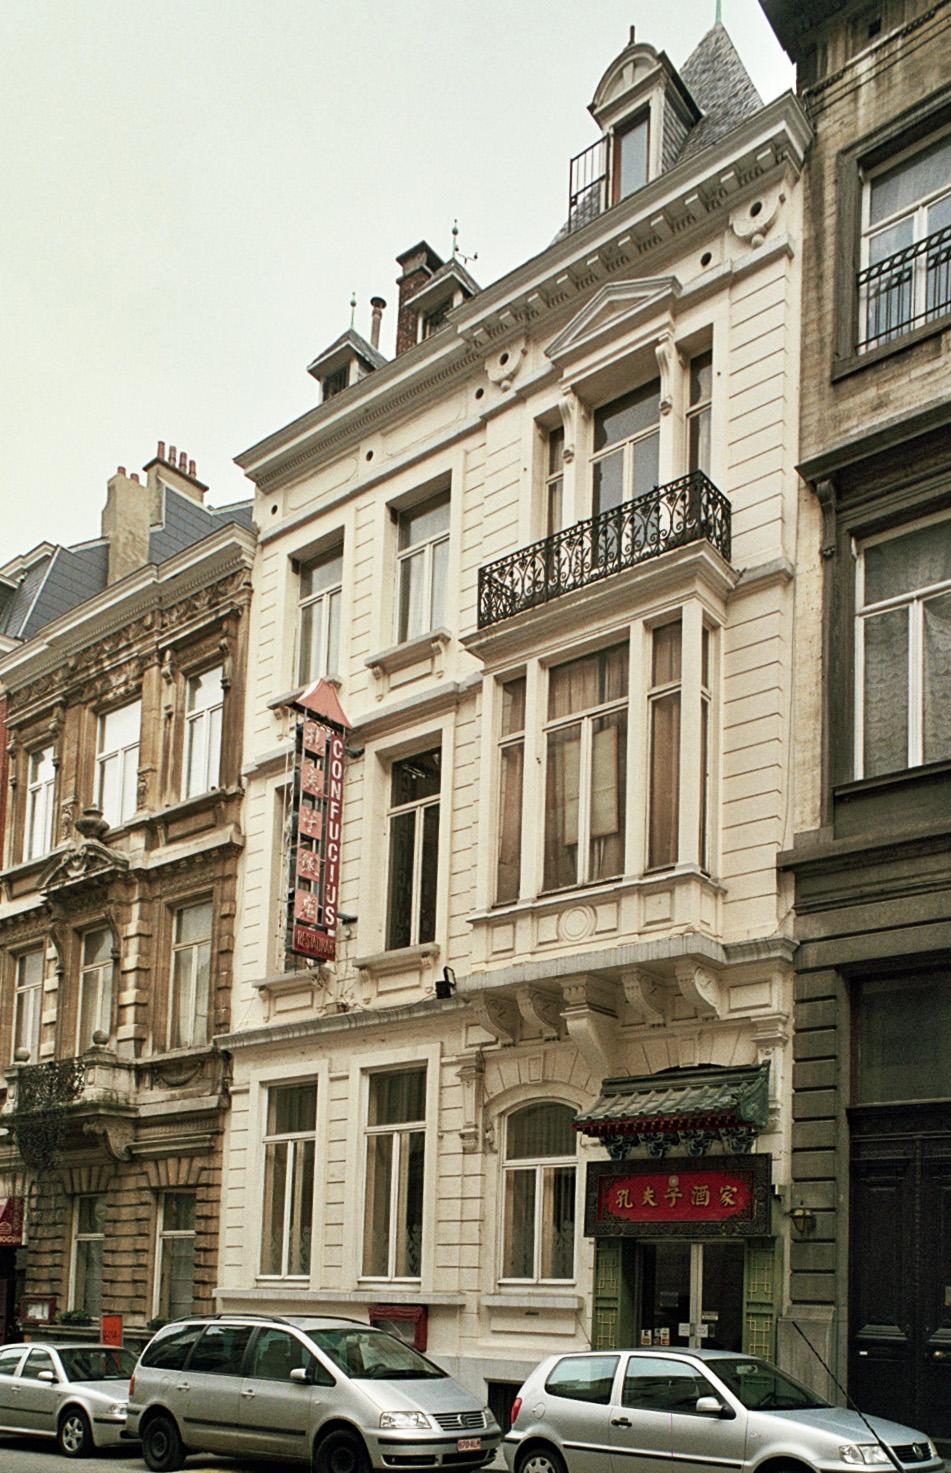 Rue Capitaine Crespel 12., 2009